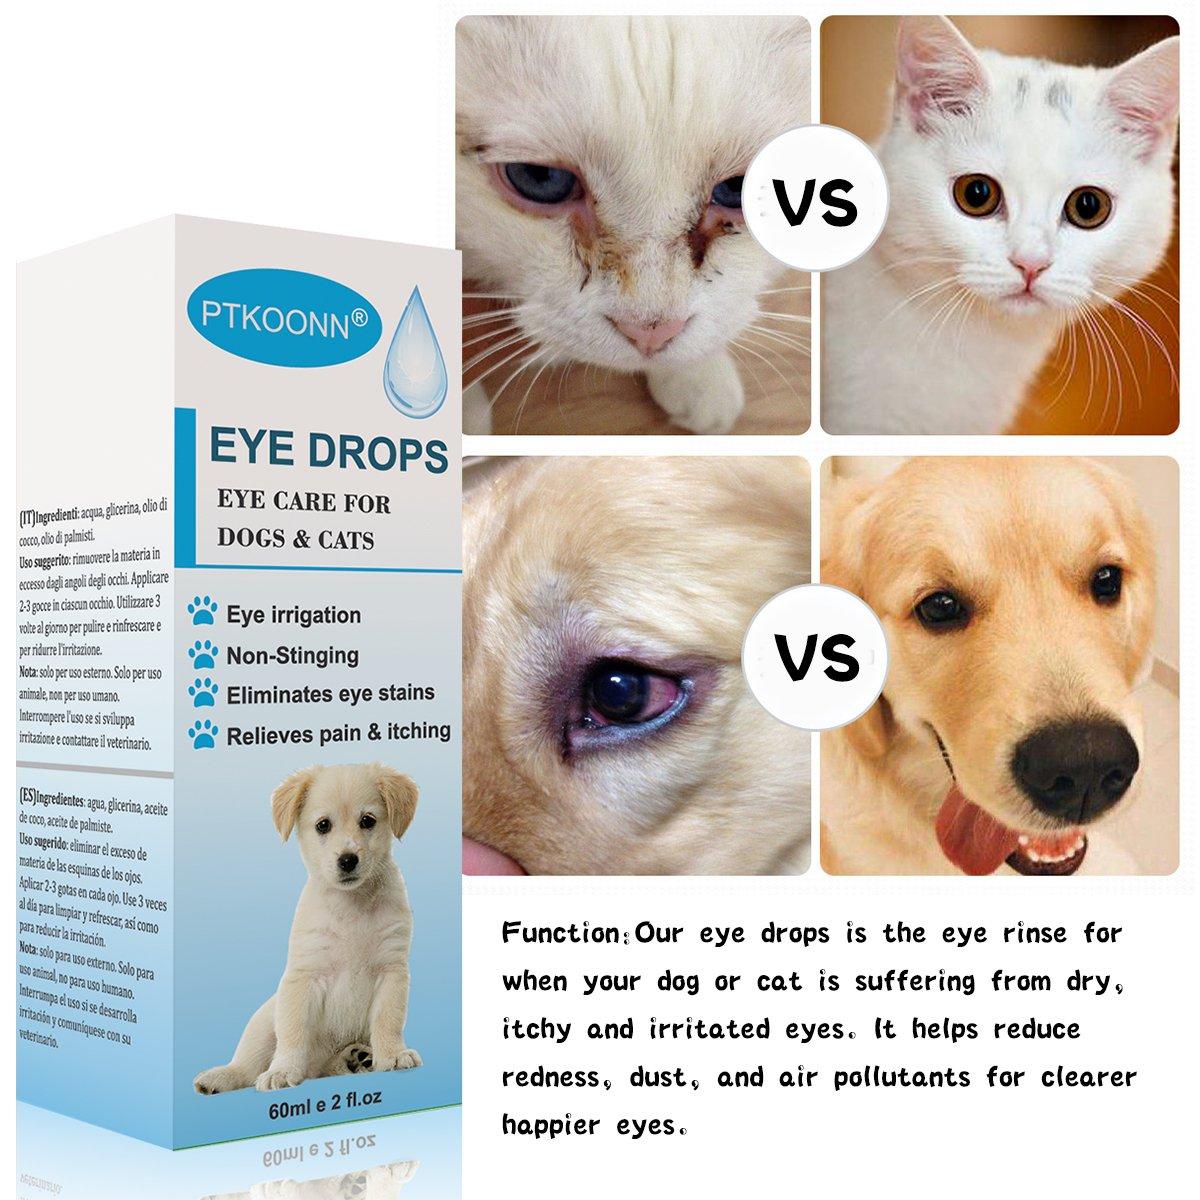 Limpiador Lagrimal Para Perros, Limpiador ocular para perros,Elimina los Residuos de Los Ojos y Previene las Manchas, para Perros,Gatos,Conejos y ...